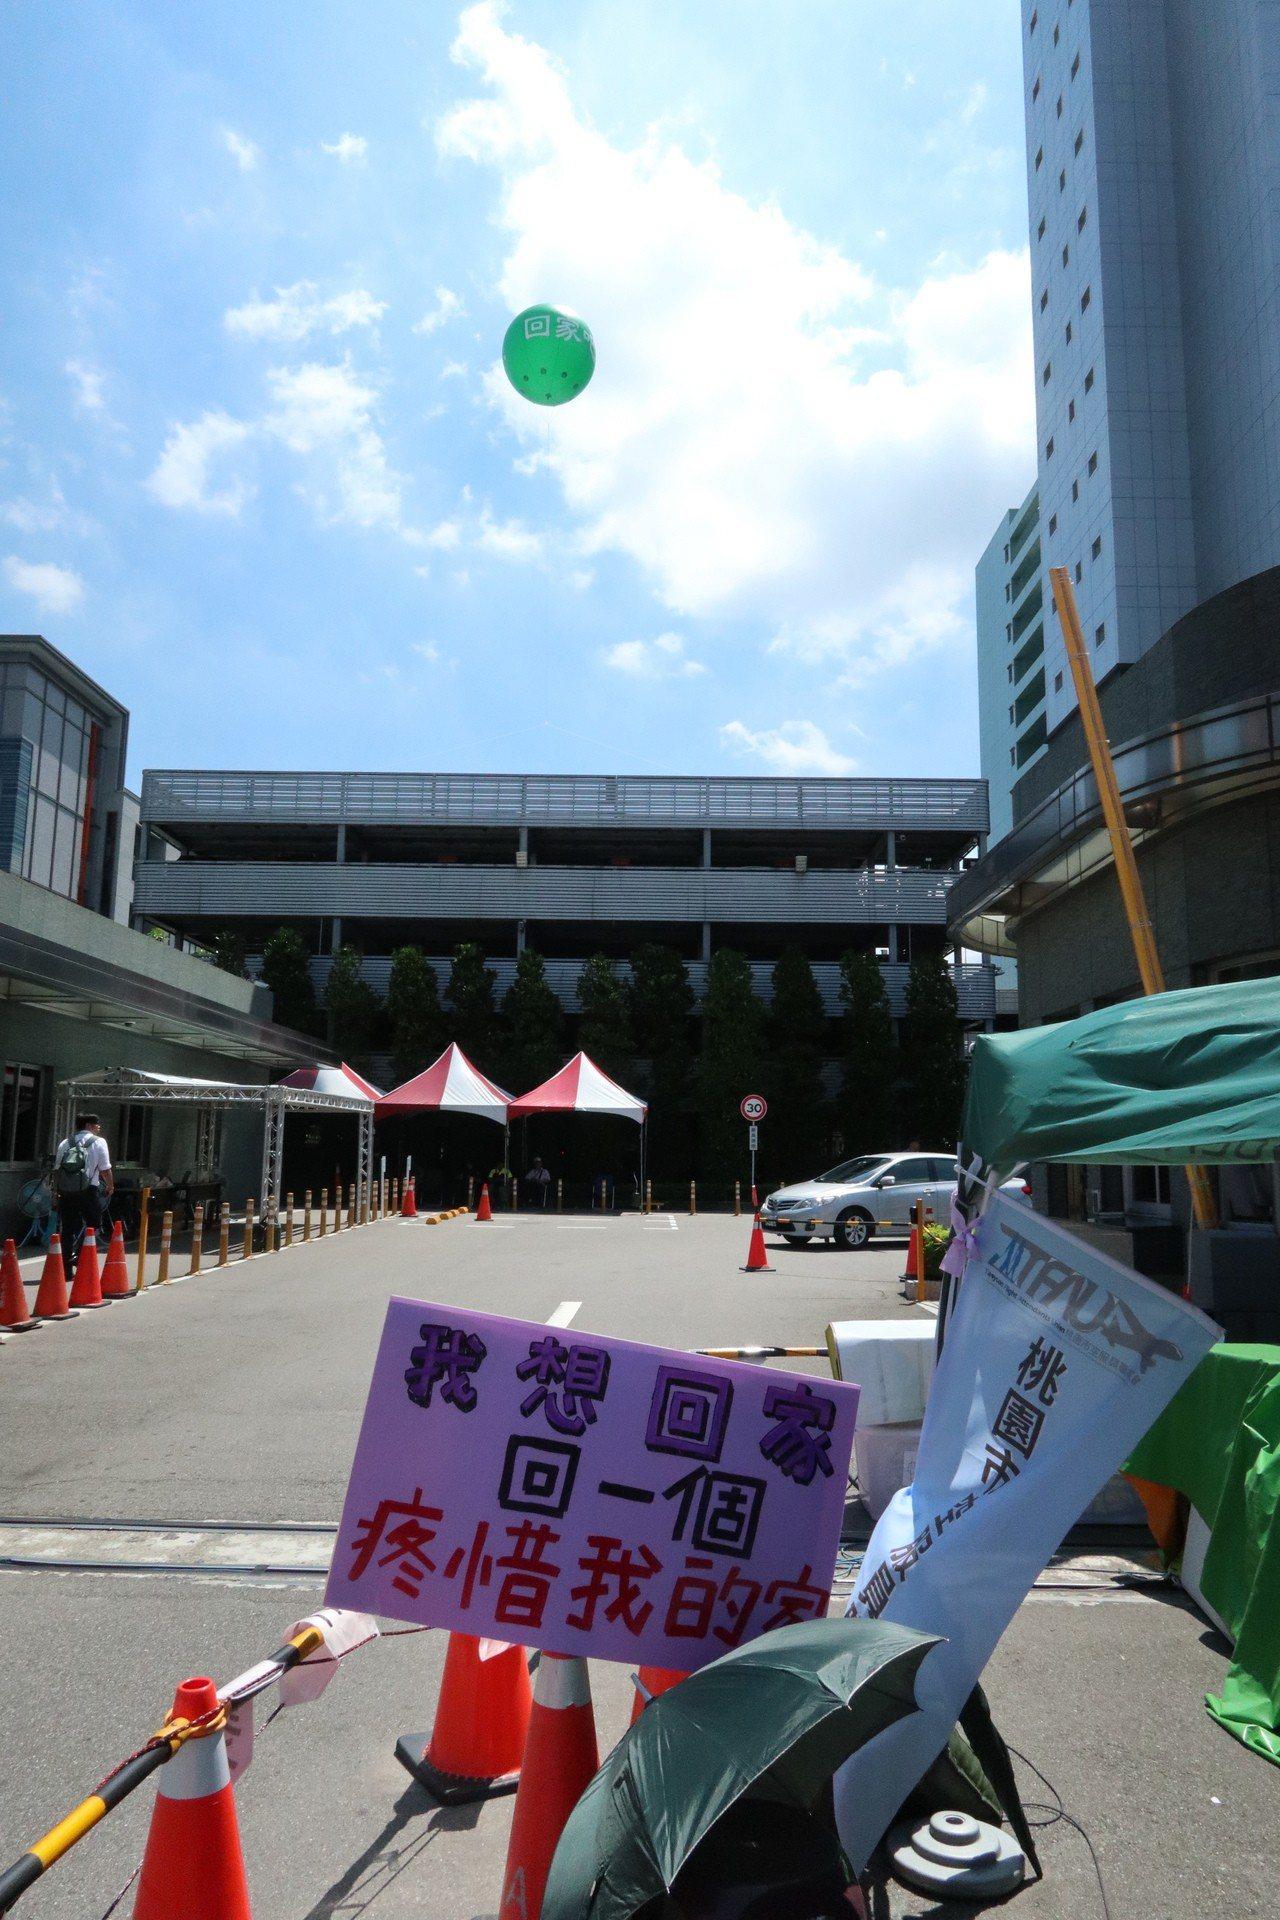 長榮罷工持續進行,資方昨日高掛「回家吧」氣球向空服員喊話,工會則製作「我想回家,...